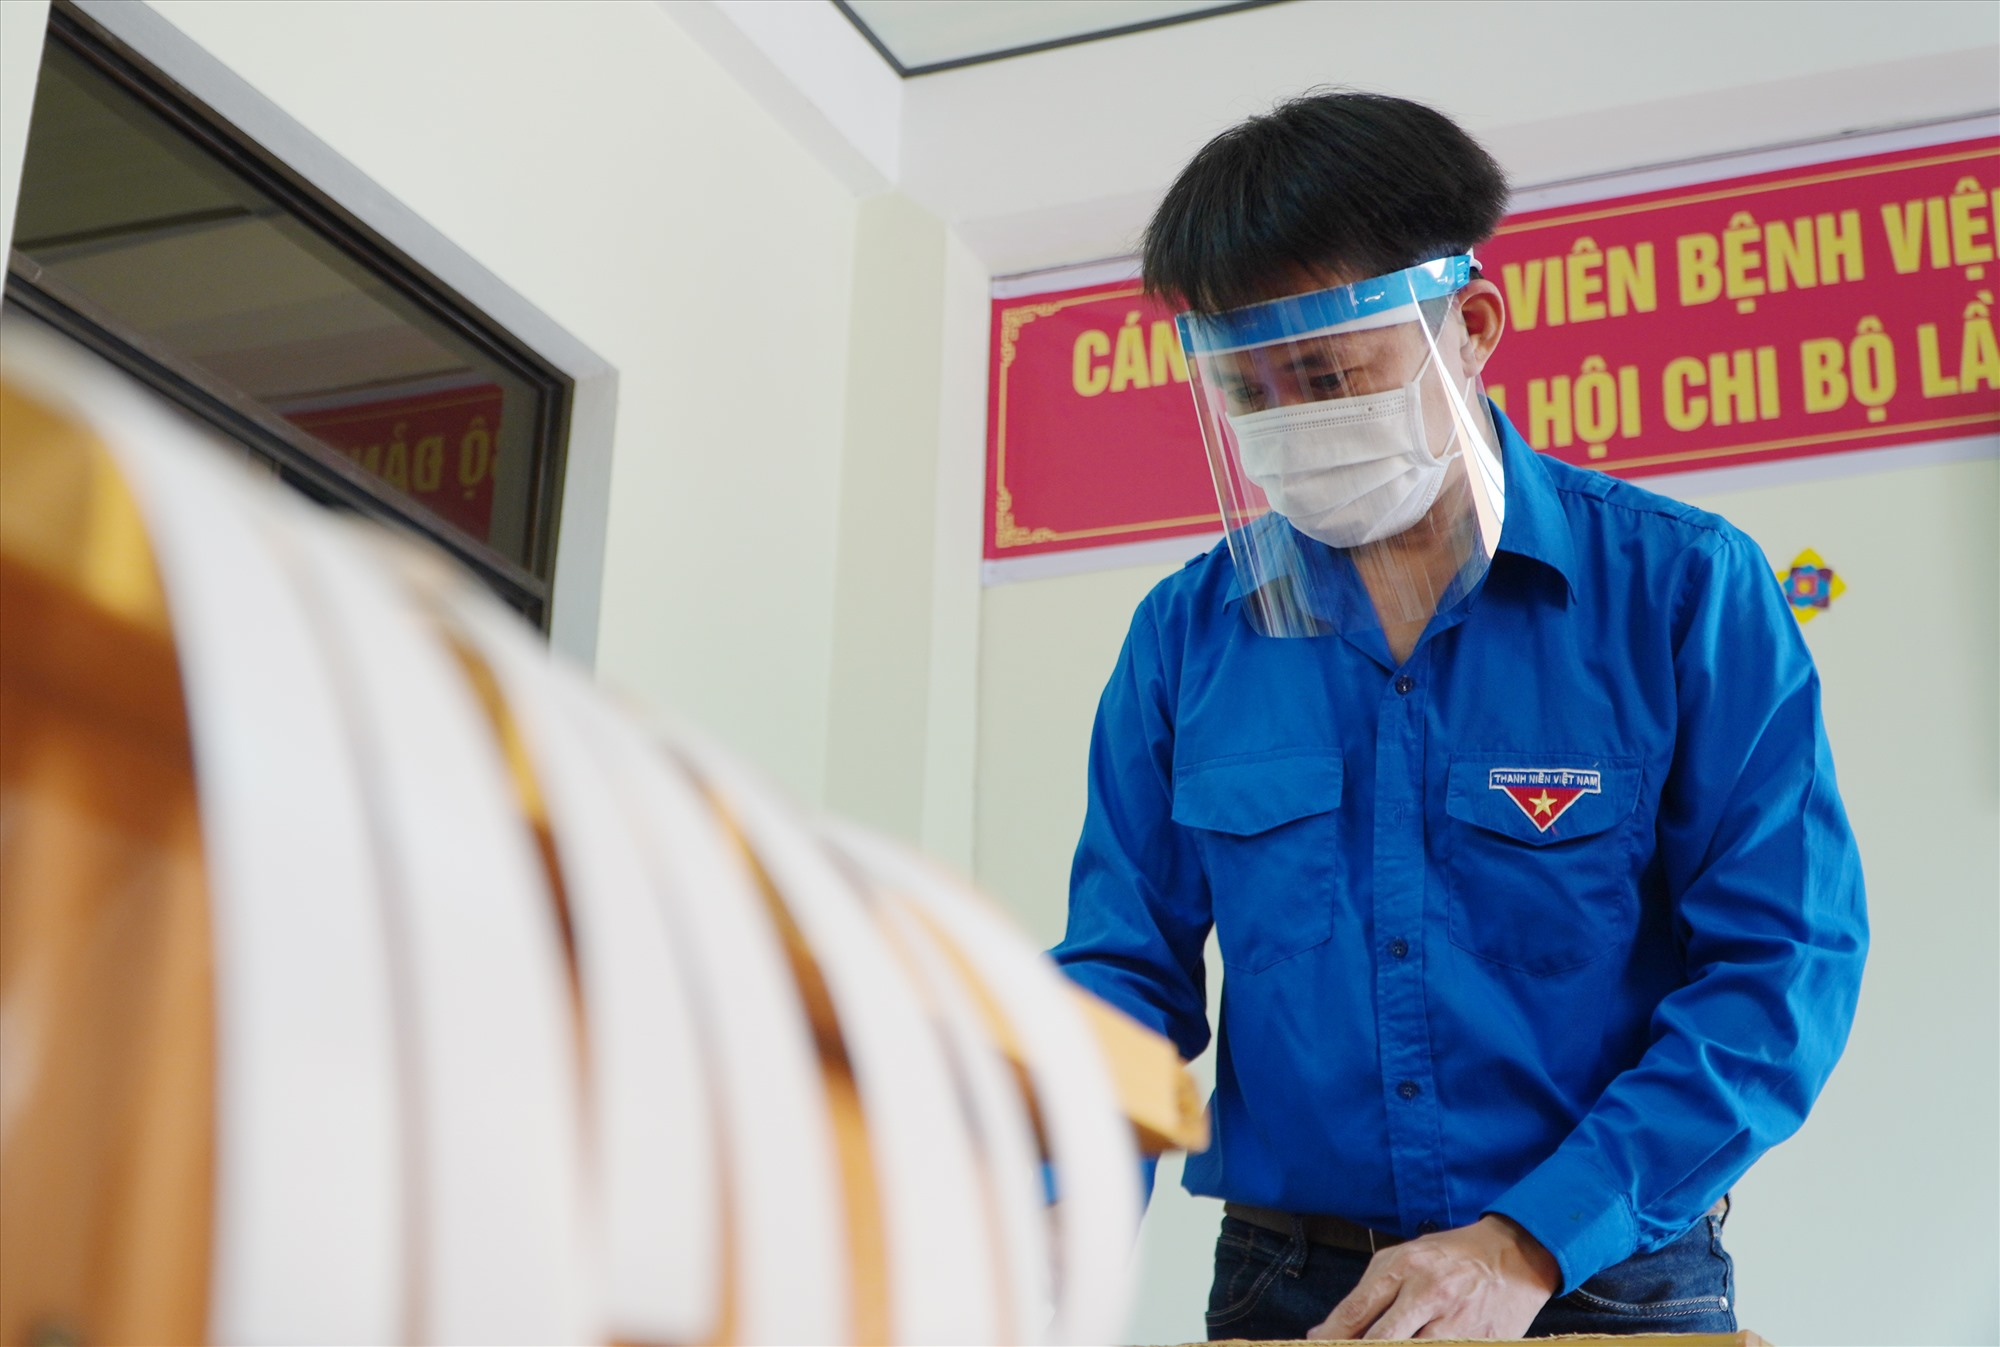 Mỗi Chi đoàn trực thuộc Đoàn Thanh niên Sở Y tế sẽ tiếp tục làm 500 chiếc mặt nạ phòng dịch. Ảnh: PHAN VINH